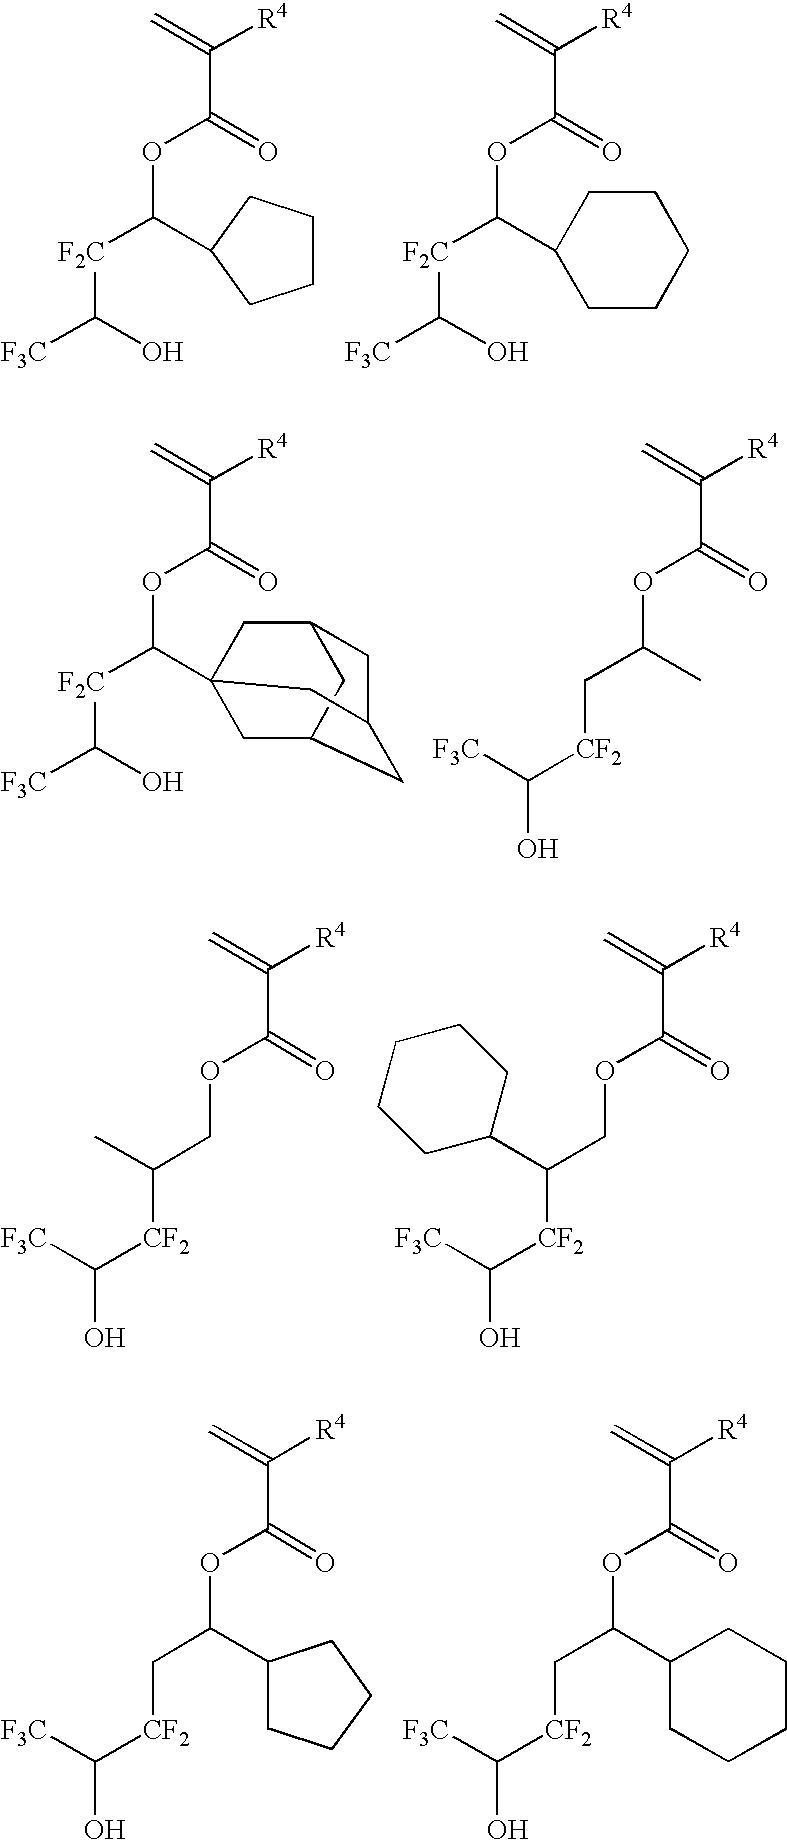 Figure US20090011365A1-20090108-C00014